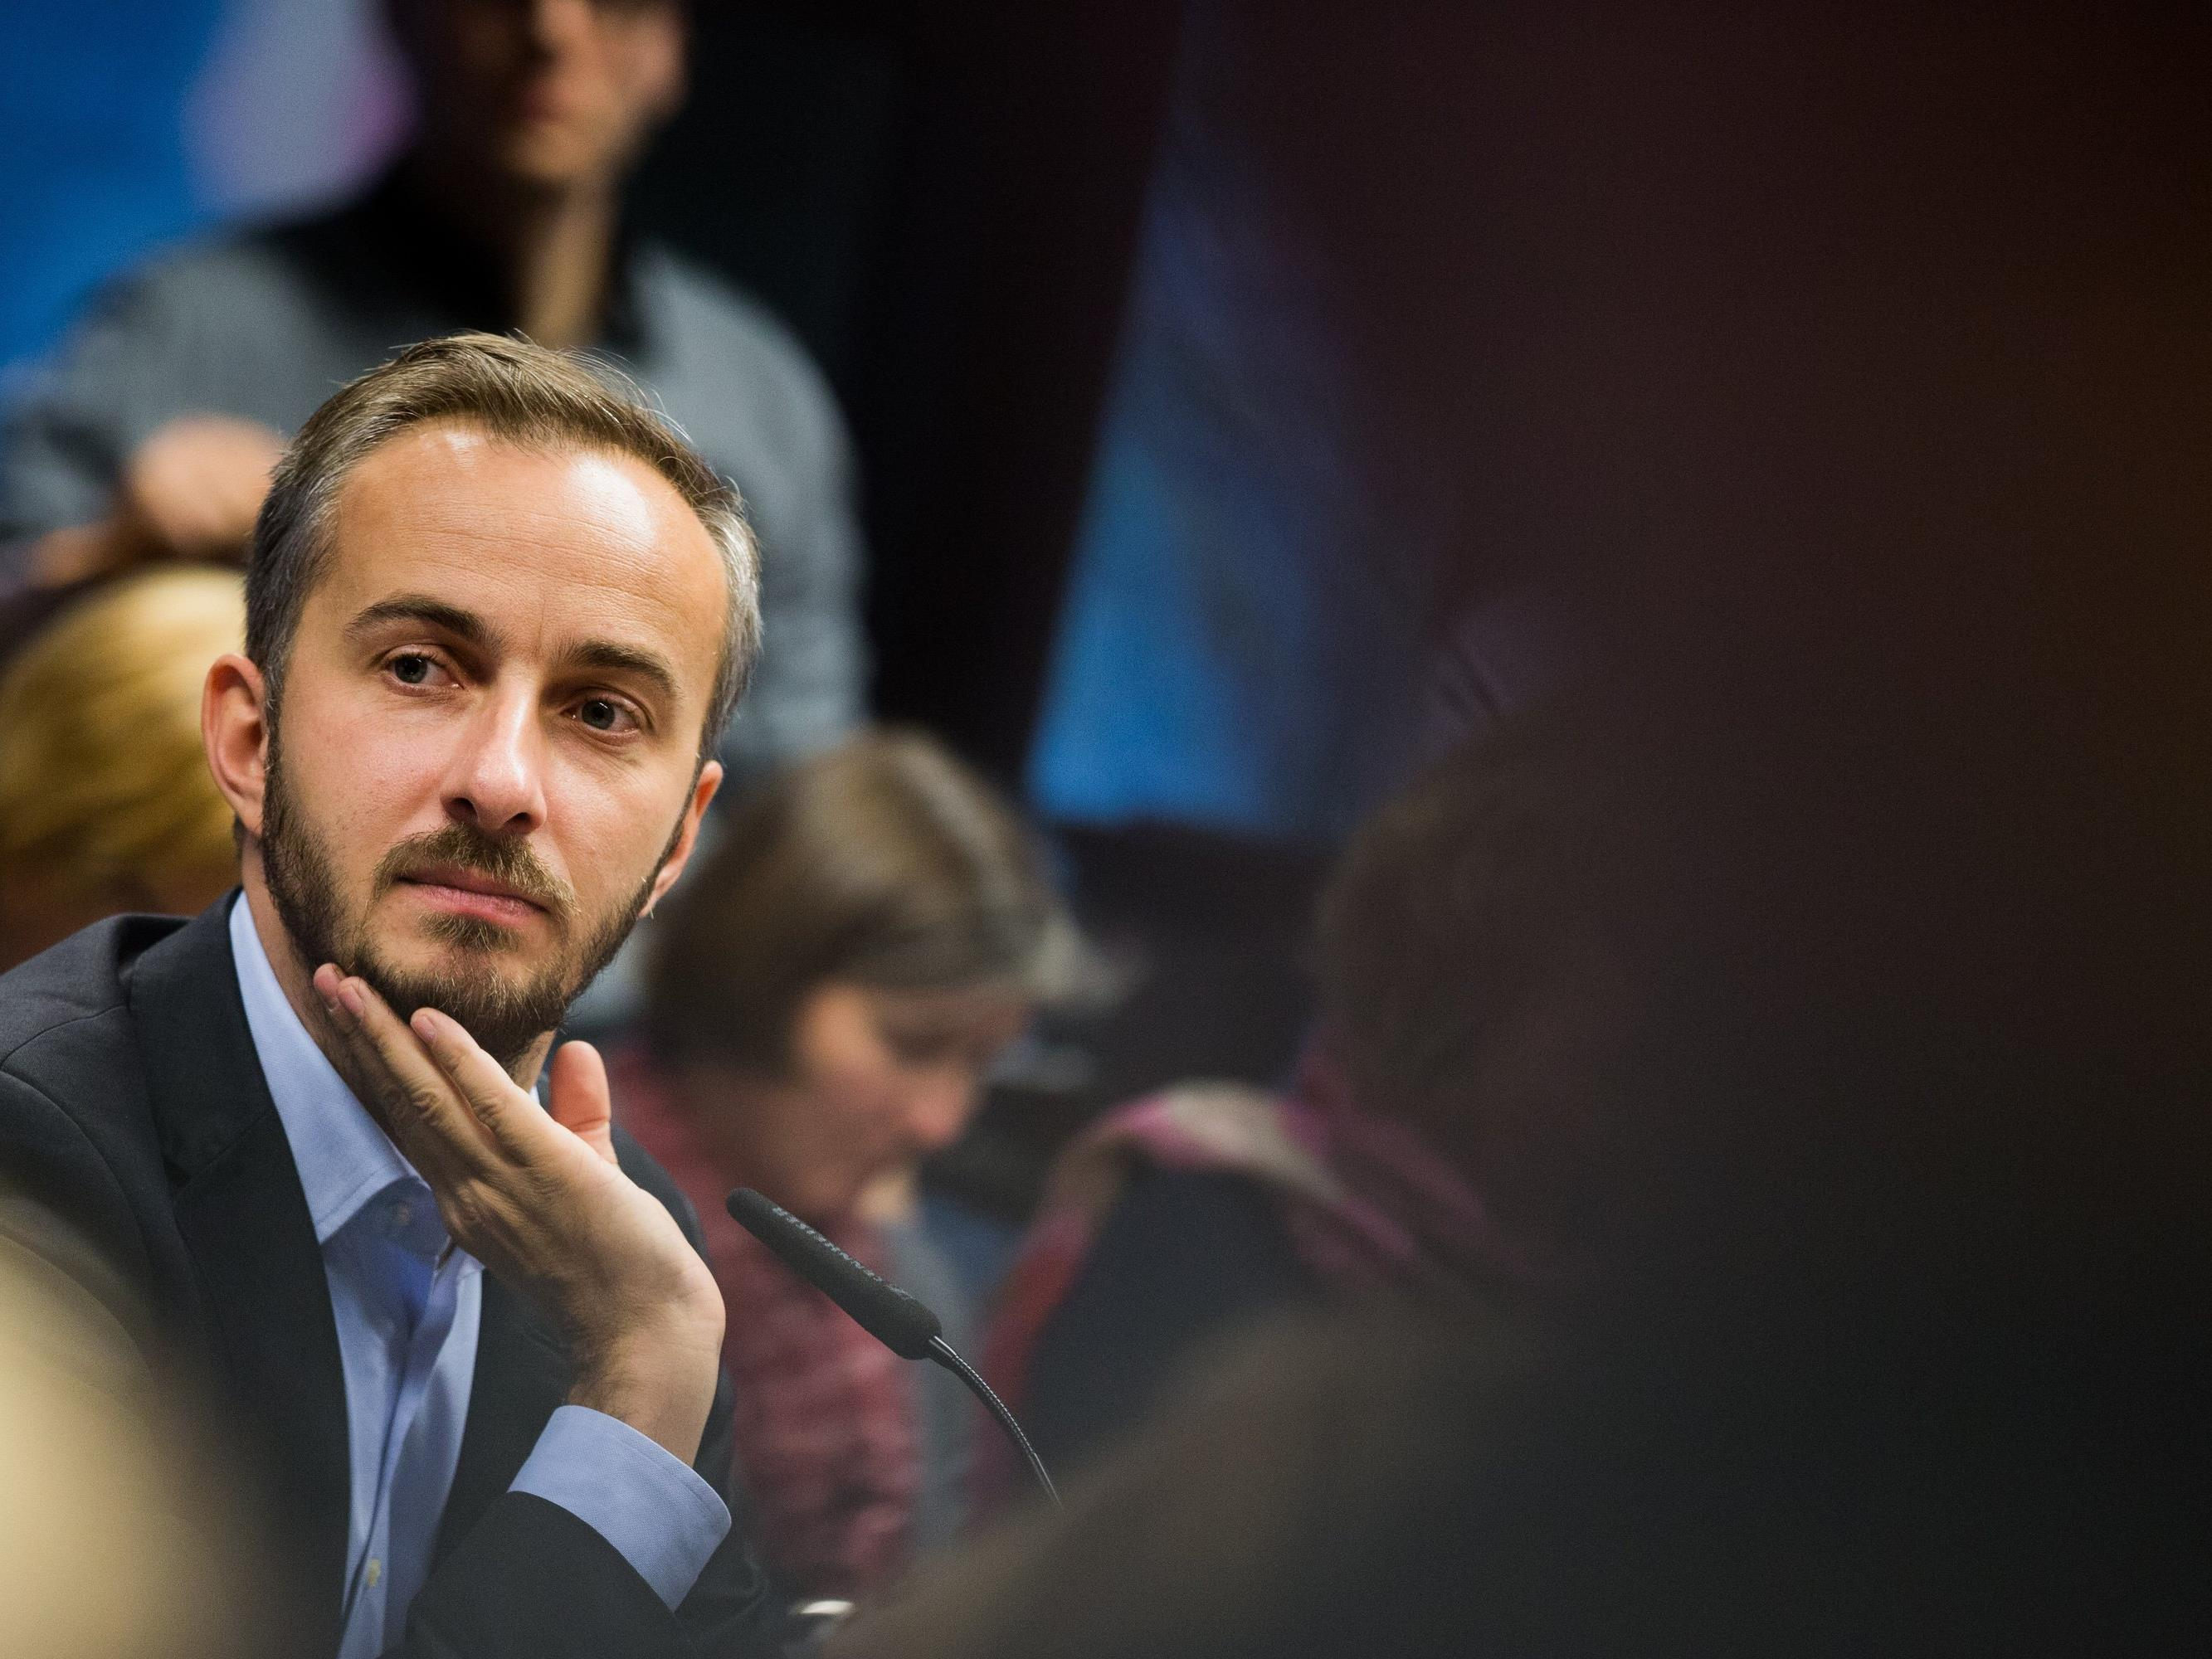 Jan Böhmermann kontert einem Hater mit Humor - aber ist der Chat echt?